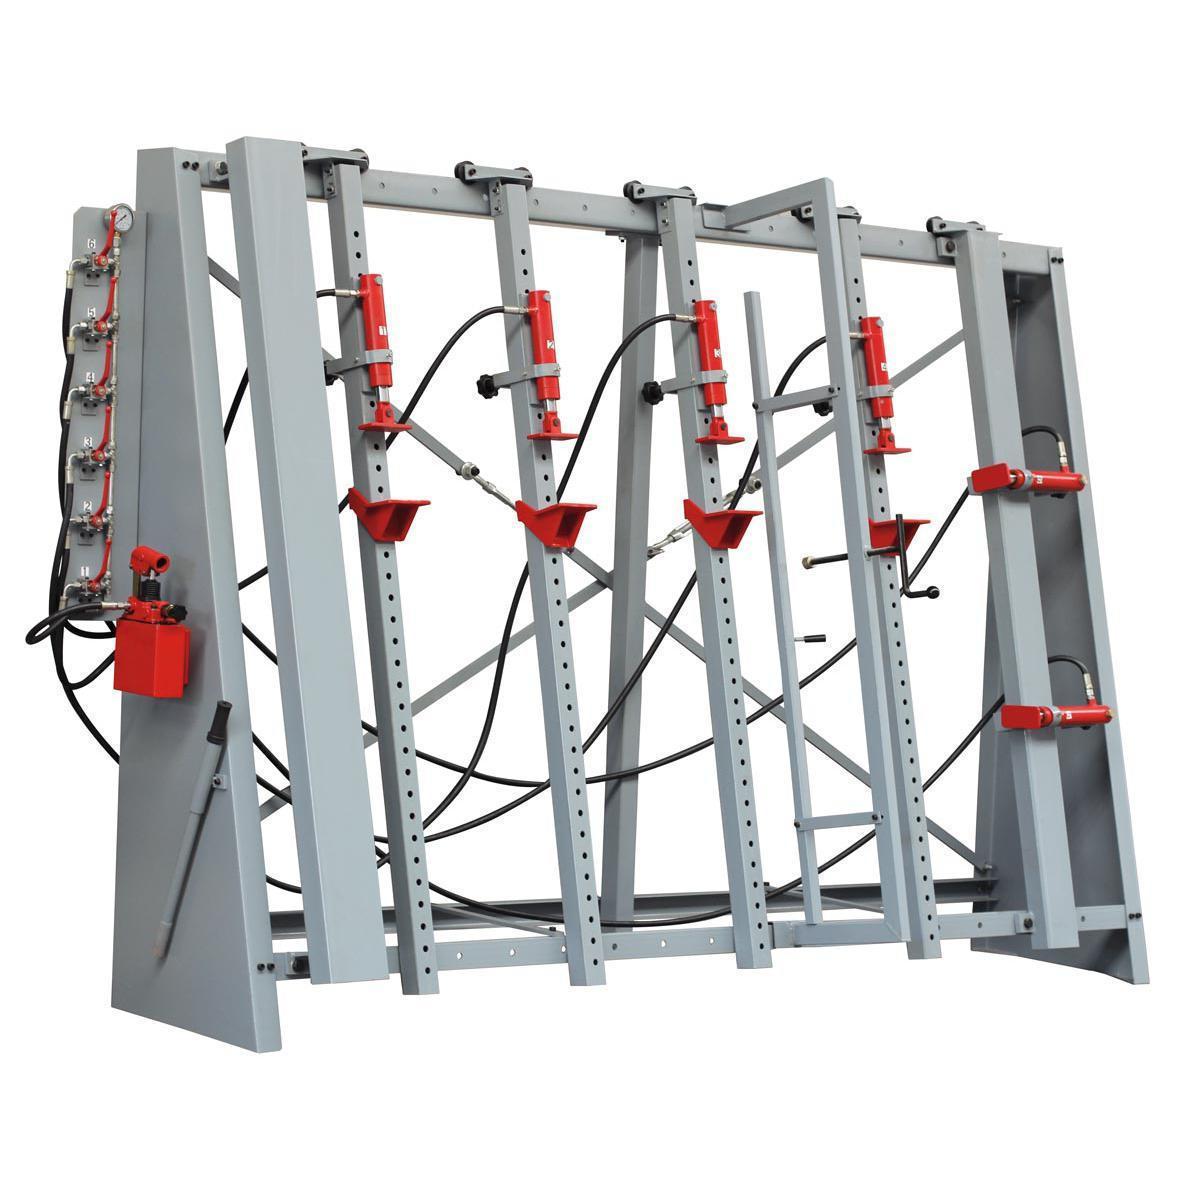 Пресс для склеивания с прижимными элементами на рамной конструкции Holzmann VSTR 3000